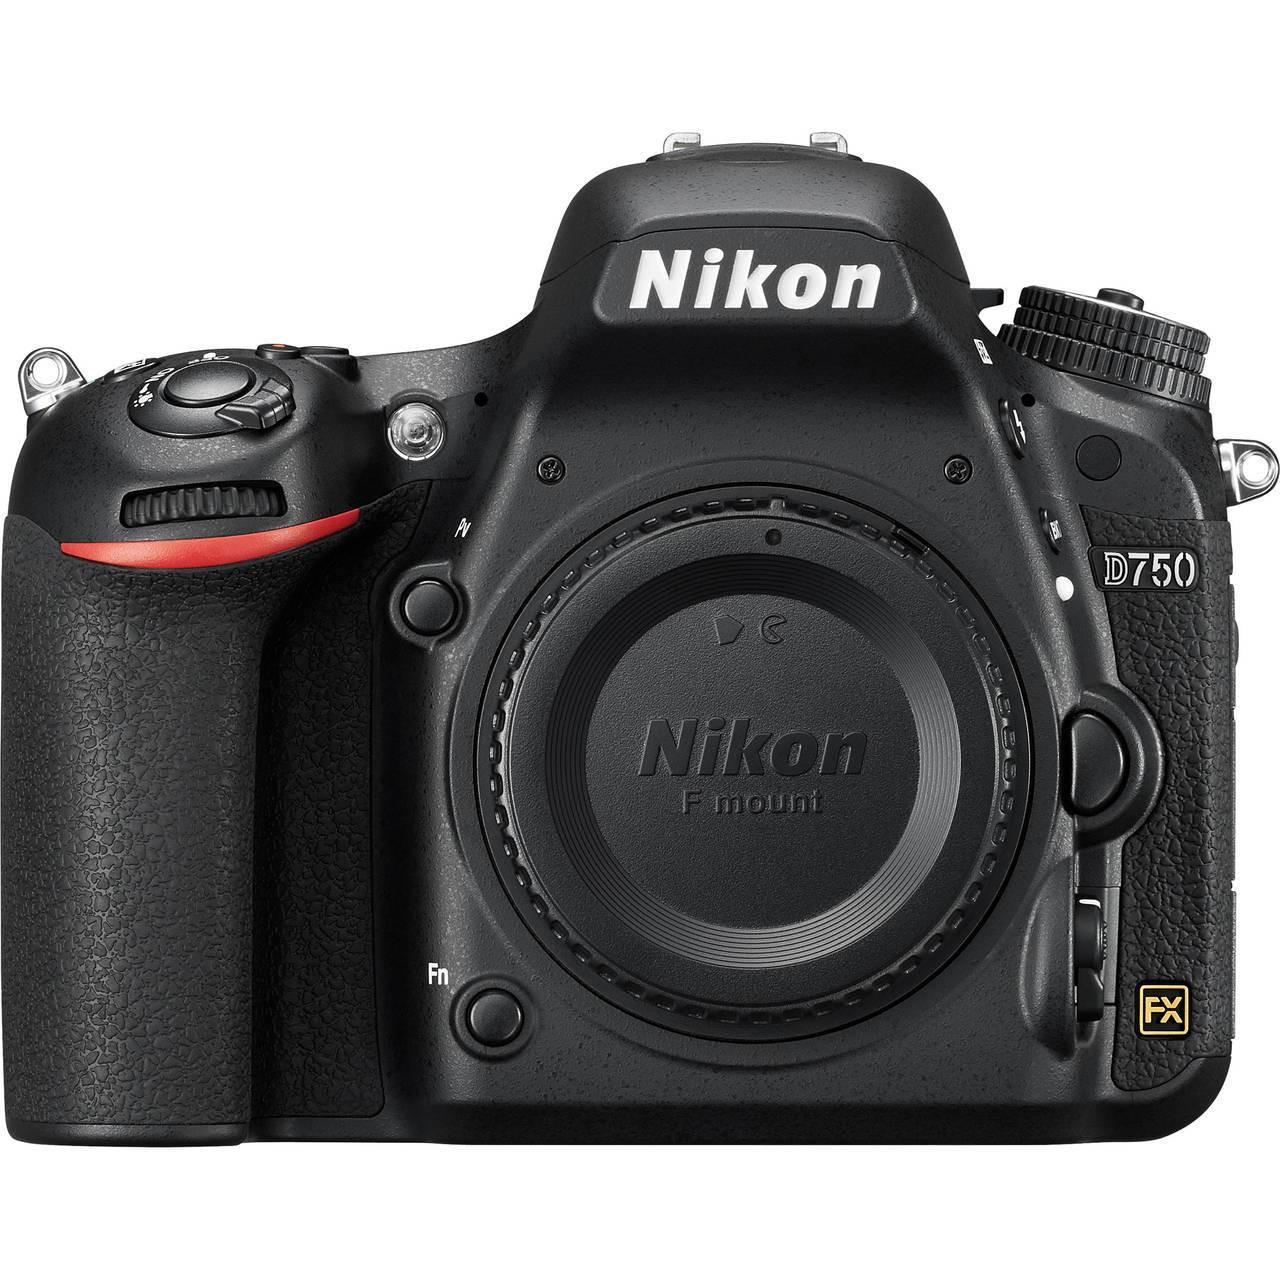 Nikon D750 Front View